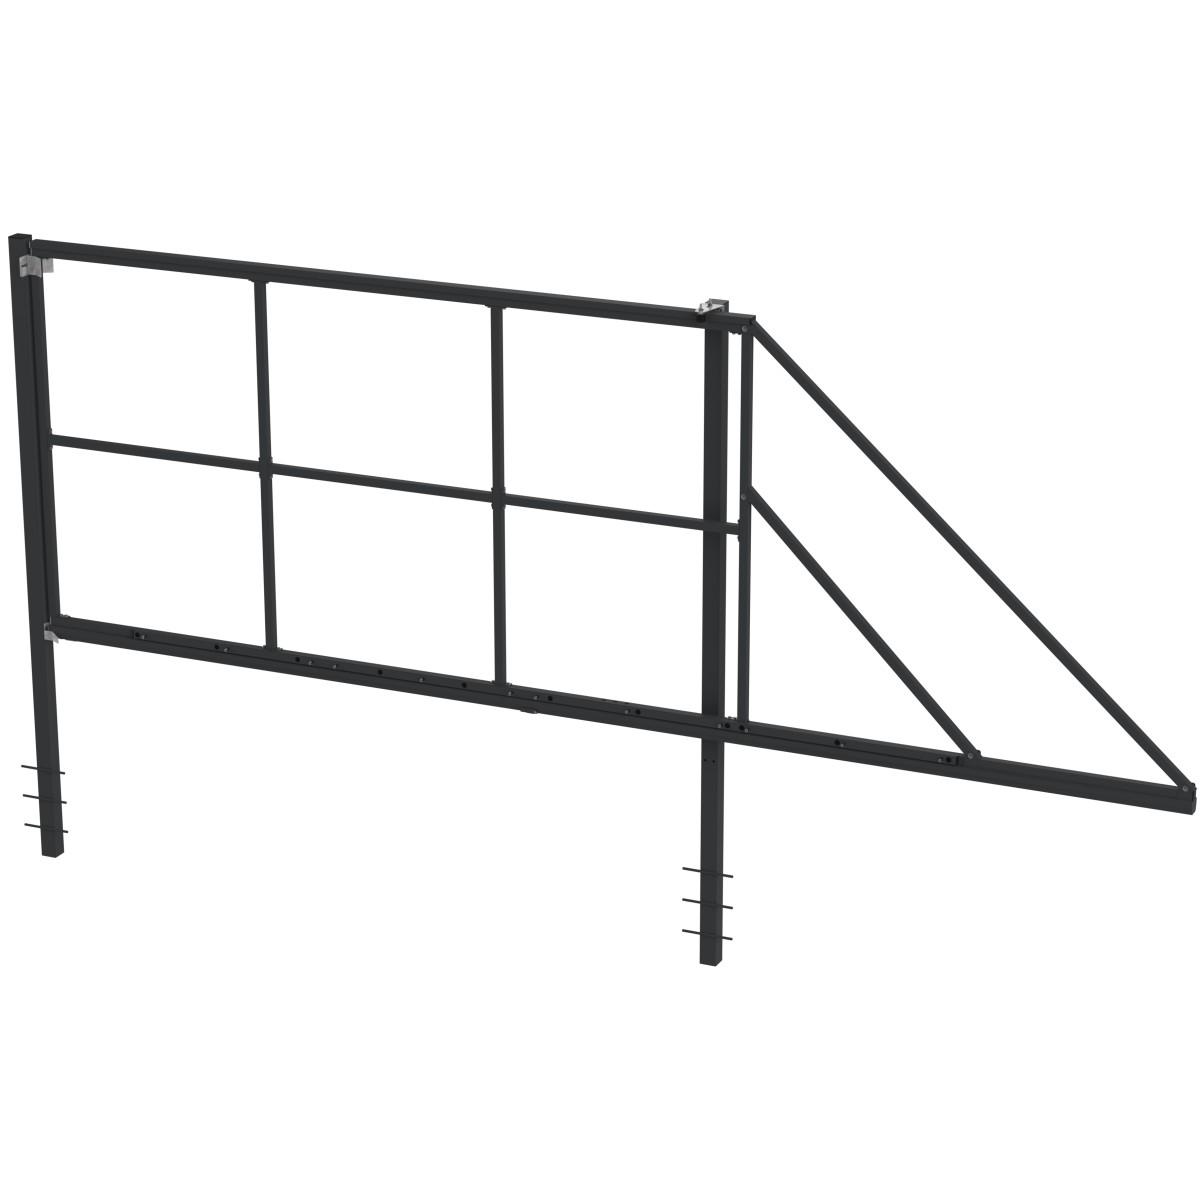 Ворота откатные Форт сборные 3.5x2.0 м